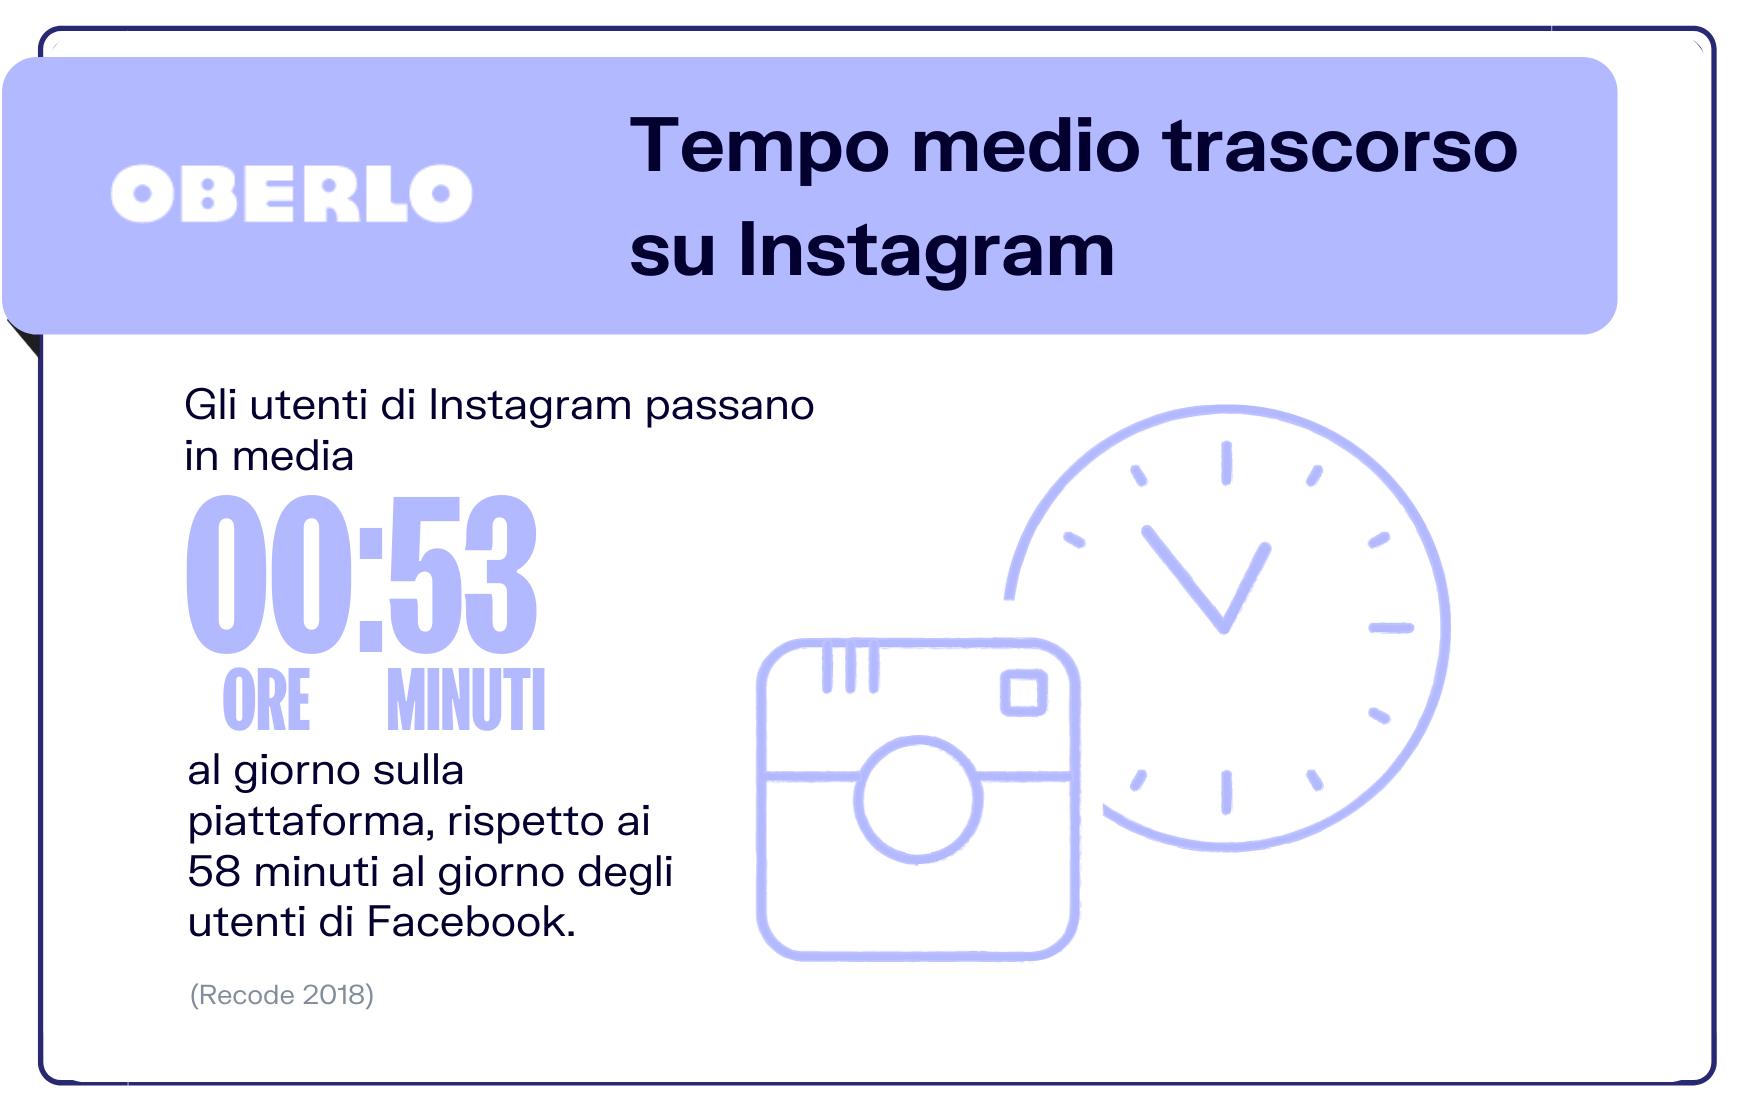 statistiche instagram tempo medio